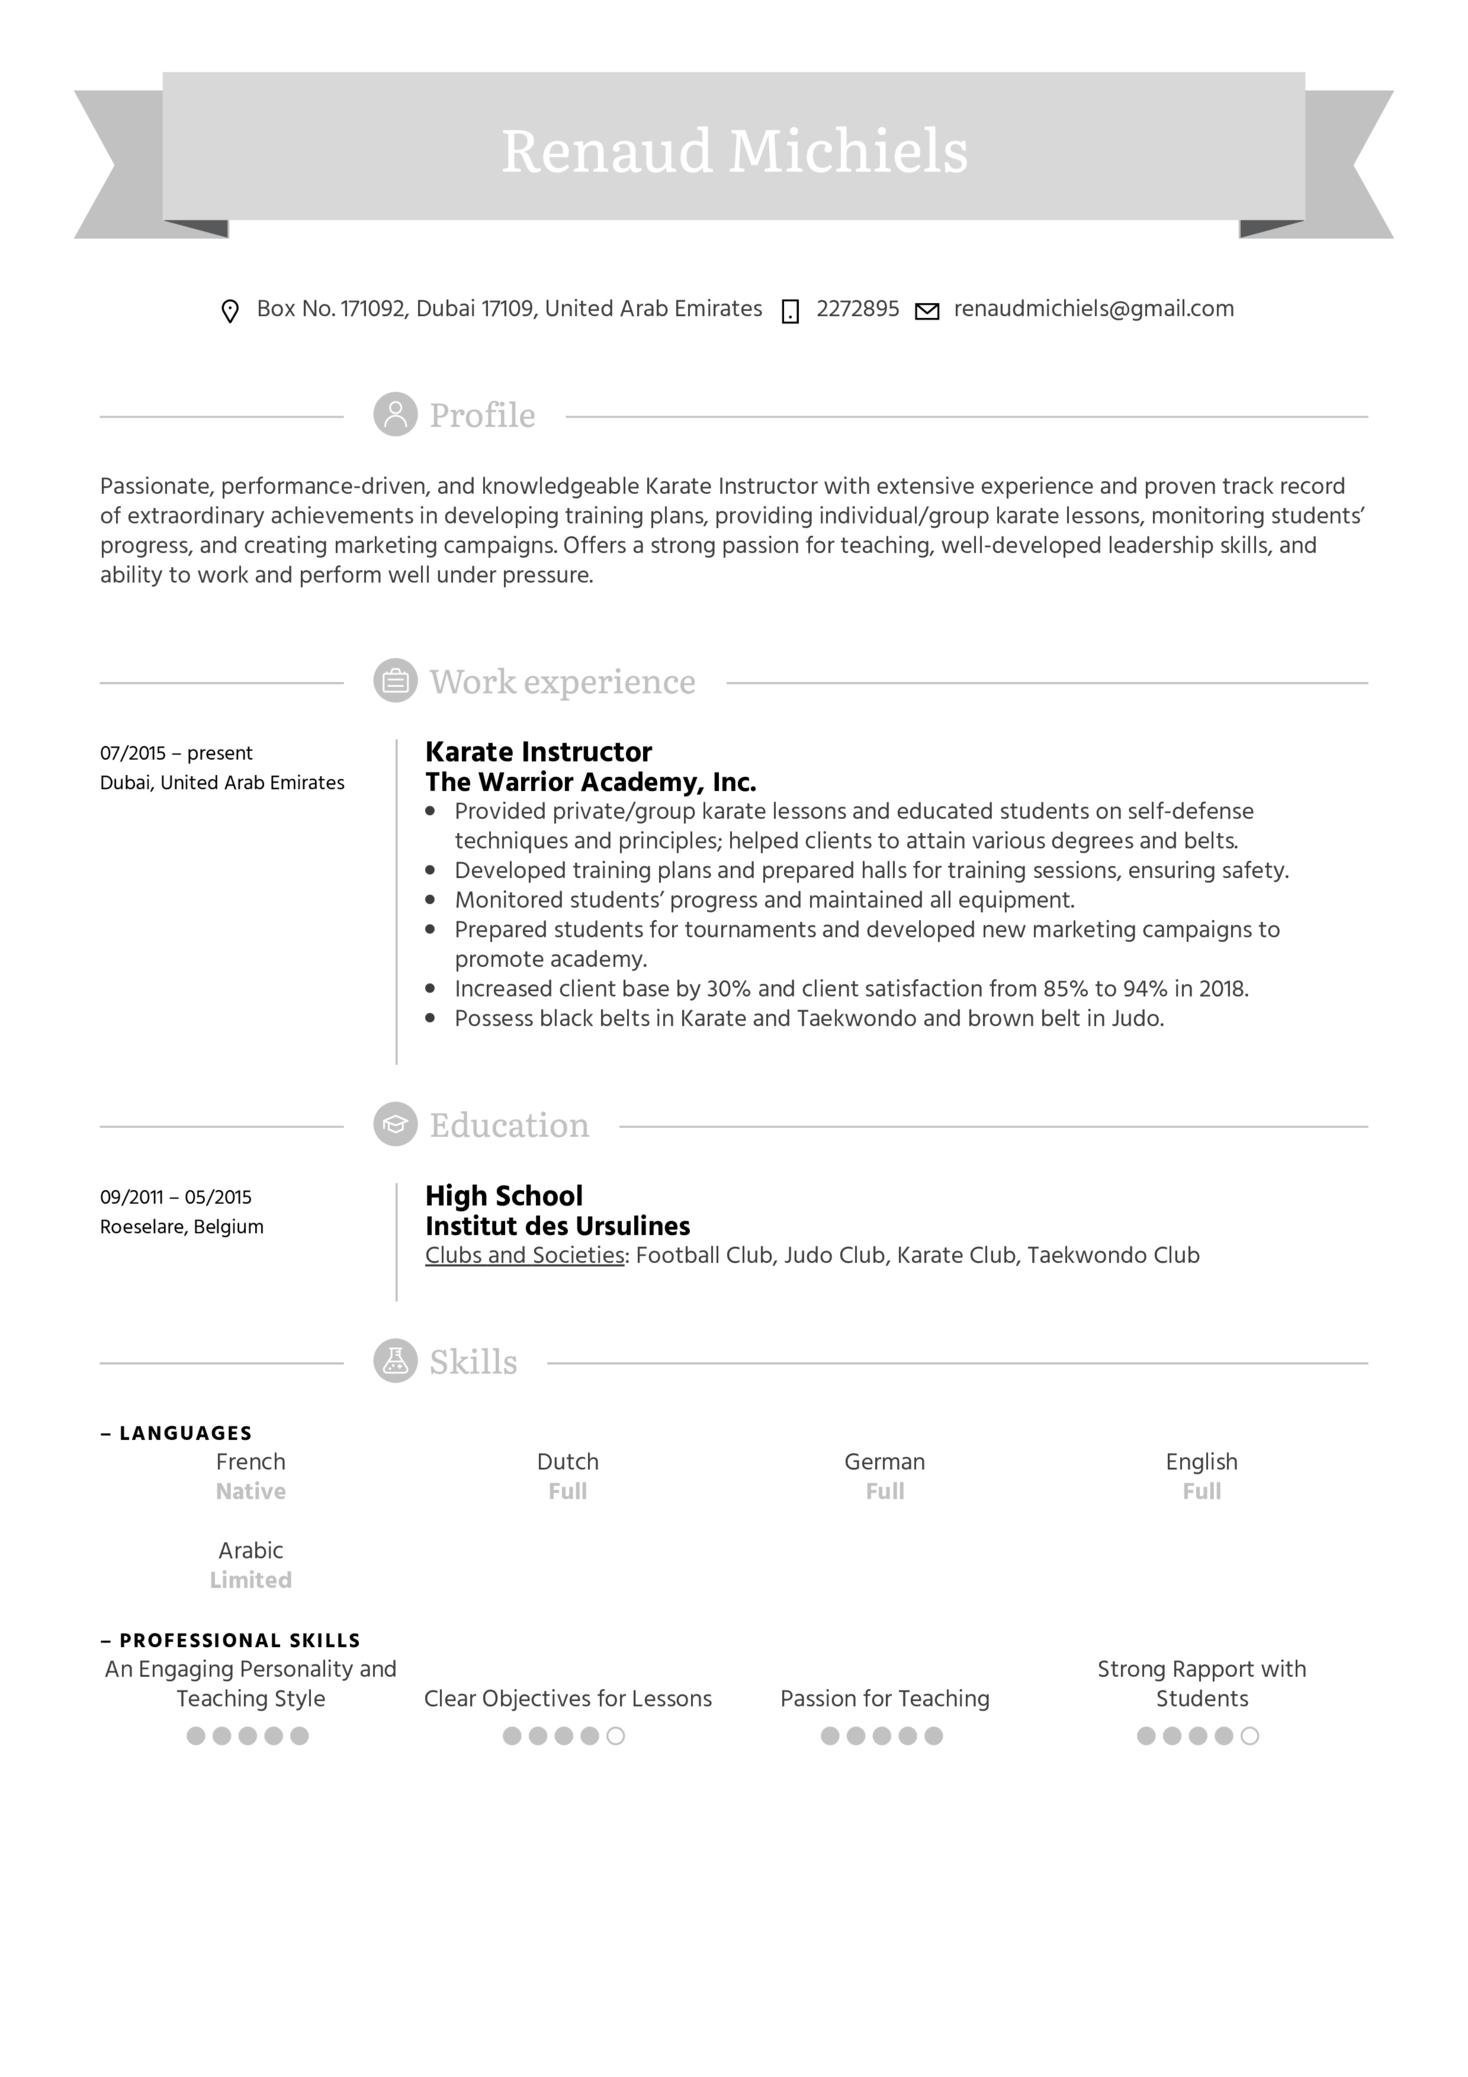 Karate Instructor Resume Sample (Part 1)